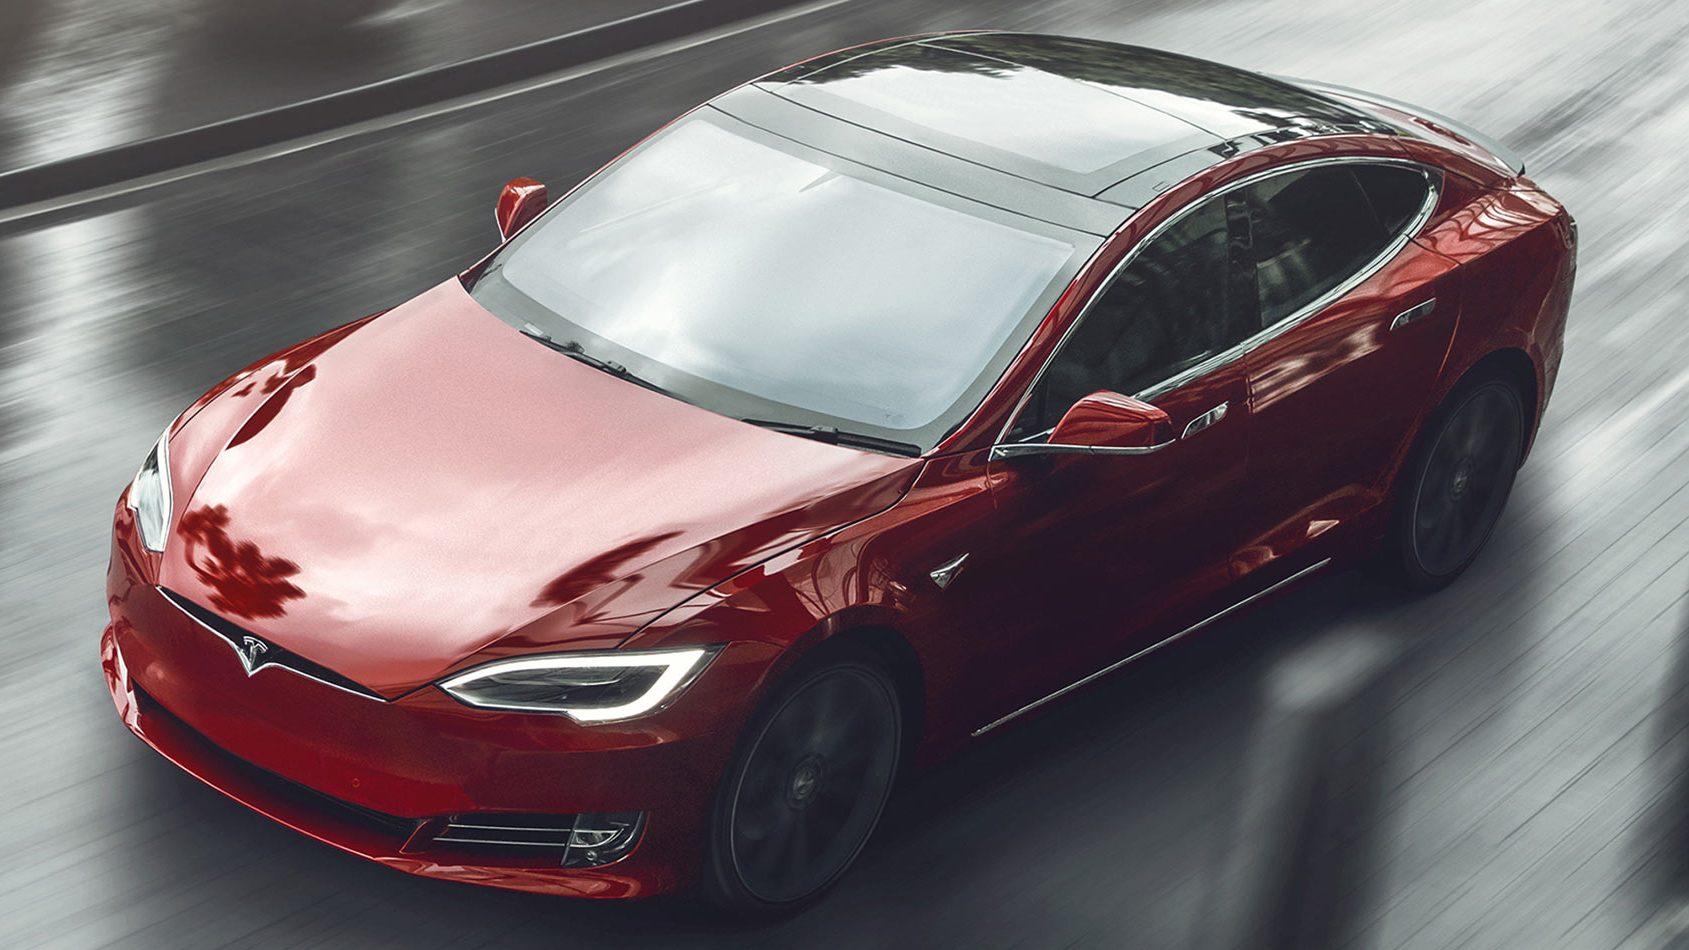 Novo Tesla Model S Plaid tem 1.115 cv e absurdos 830 km de autonomia